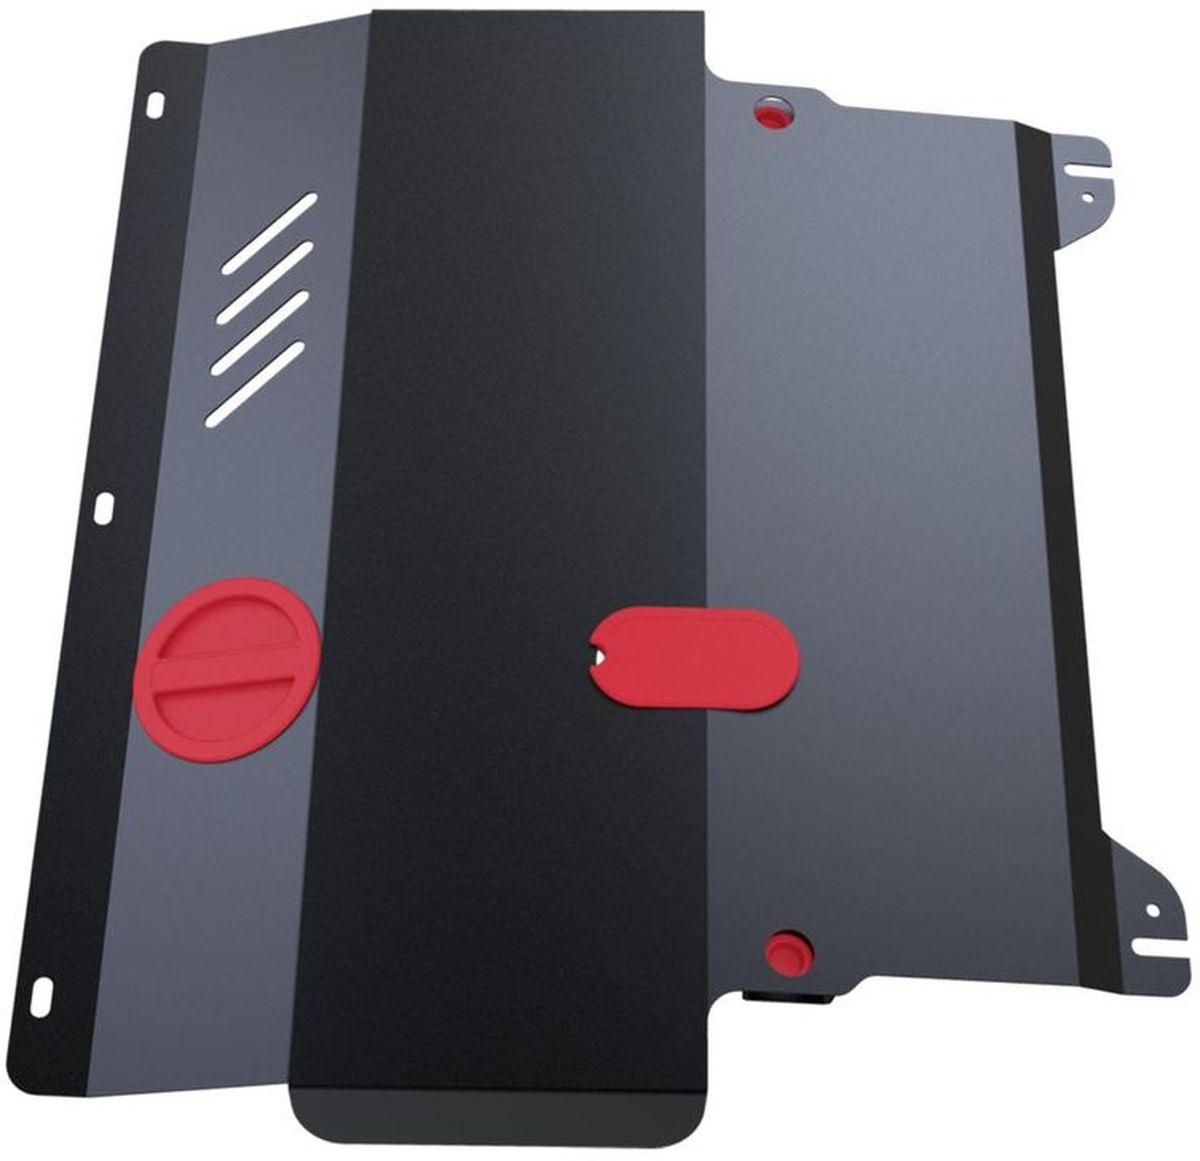 Защита картера и КПП Автоброня, для Toyota Caldina 4WD, V - все/Ipsum 2WD, 4 WD, V - 2,4/Noah 4 WD. V - 2,01004900000360Технологически совершенный продукт за невысокую стоимость.Защита разработана с учетом особенностей днища автомобиля, что позволяет сохранить дорожный просвет с минимальным изменением.Защита устанавливается в штатные места кузова автомобиля. Глубокий штамп обеспечивает до двух раз больше жесткости в сравнении с обычной защитой той же толщины. Проштампованные ребра жесткости препятствуют деформации защиты при ударах.Тепловой зазор и вентиляционные отверстия обеспечивают сохранение температурного режима двигателя в норме. Скрытый крепеж предотвращает срыв крепежных элементов при наезде на препятствие.Шумопоглощающие резиновые элементы обеспечивают комфортную езду без вибраций и скрежета металла, а съемные лючки для слива масла и замены фильтра - экономию средств и время.Конструкция изделия не влияет на пассивную безопасность автомобиля (при ударе защита не воздействует на деформационные зоны кузова). Со штатным крепежом. В комплекте инструкция по установке.Толщина стали: 2 мм.Уважаемые клиенты!Обращаем ваше внимание, что элемент защиты имеет форму, соответствующую модели данного автомобиля. Фото служит для визуального восприятия товара и может отличаться от фактического.